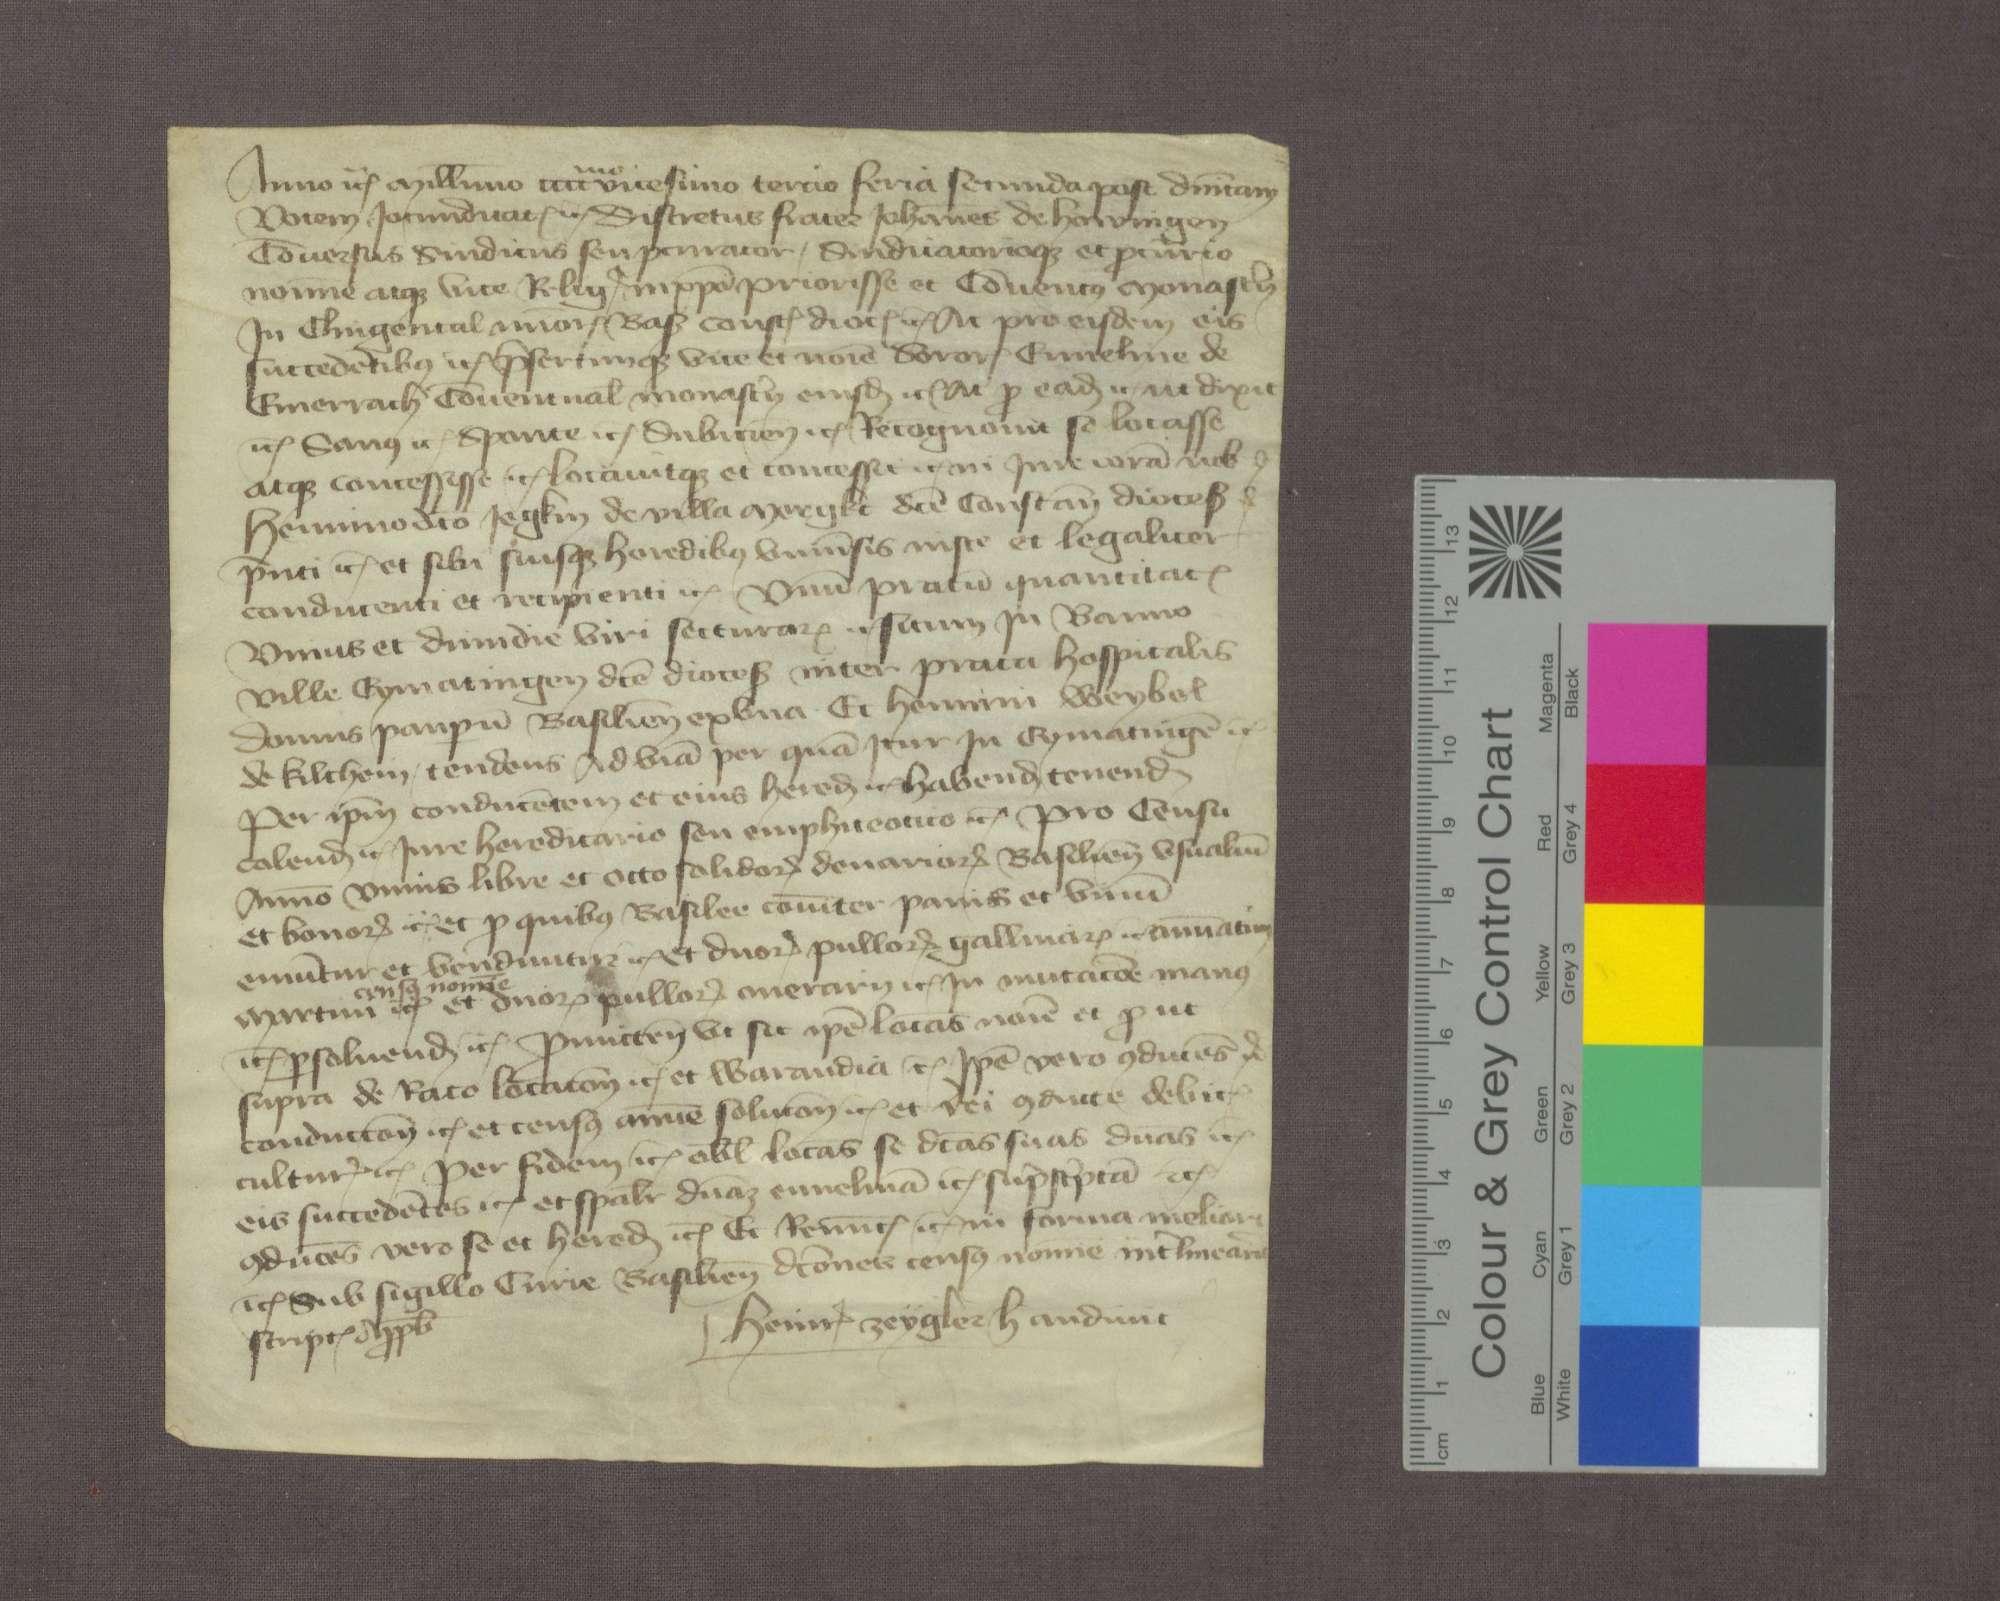 Bruder Johannes von Hauingen vergibt anstelle des Klosters Klingental an Heinrich Jegk von Märkt eine Wiese zu Eimeldingen zu Lehen., Bild 1